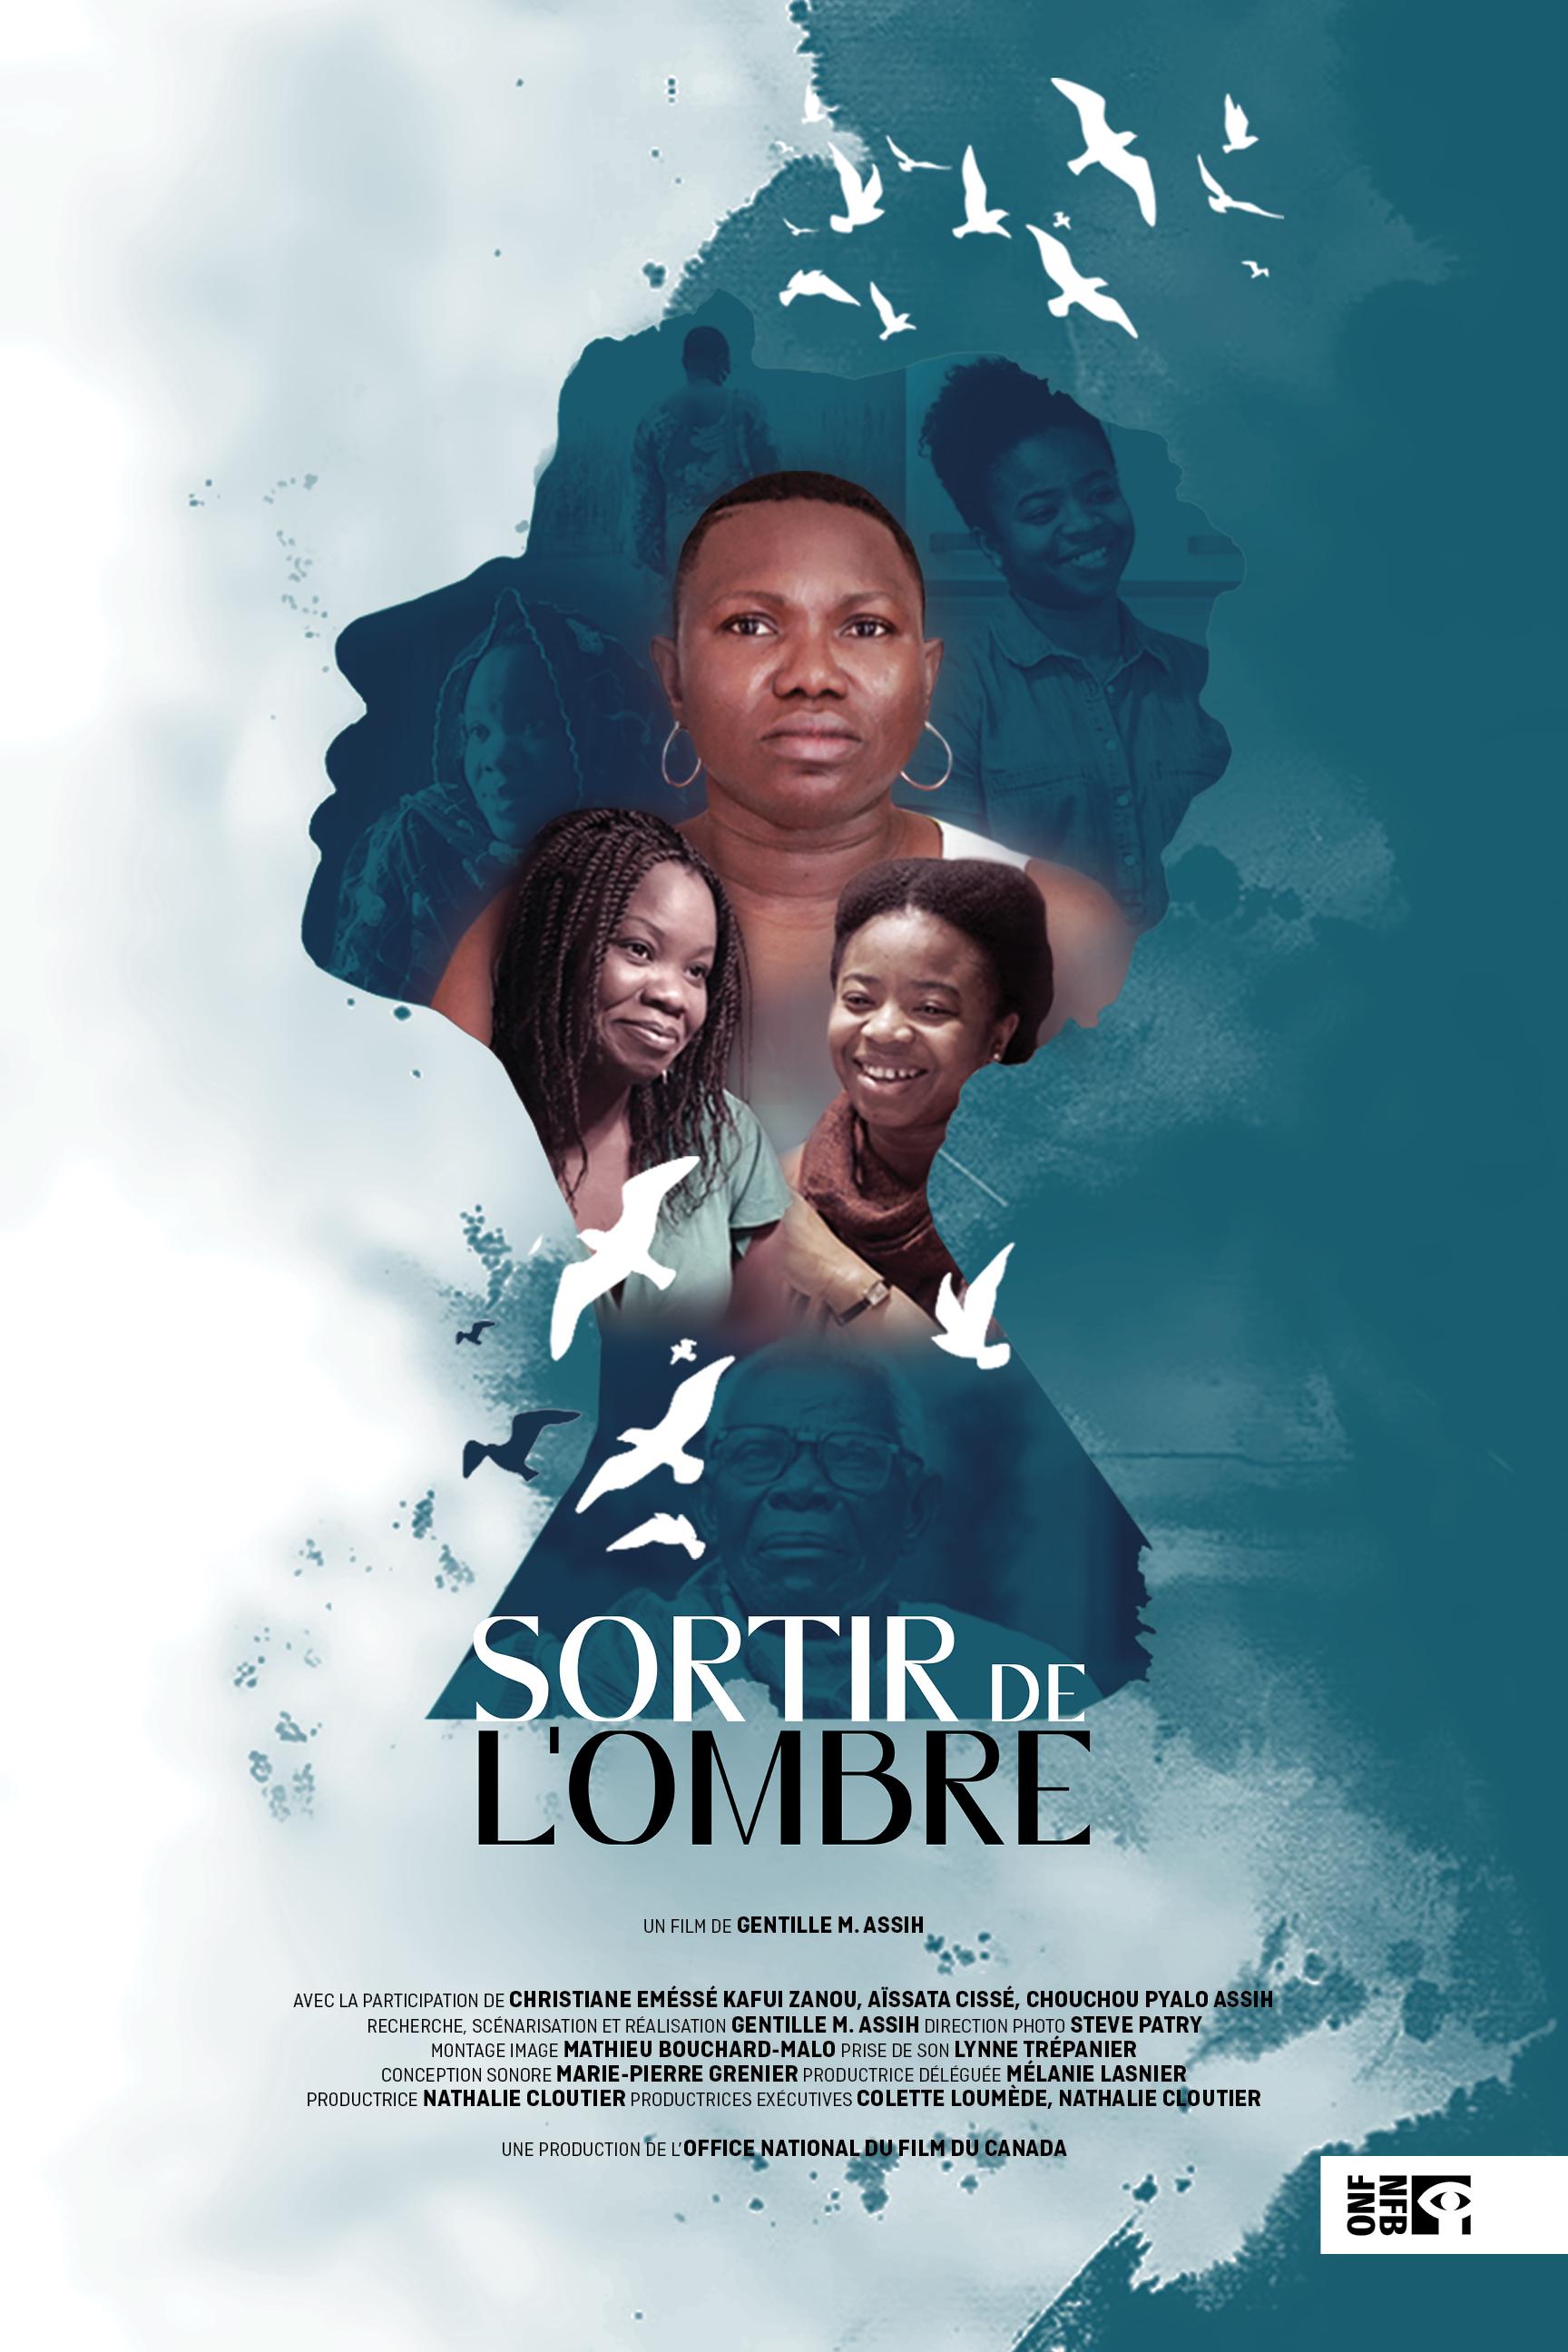 Première mondiale et mise en ligne du film Sortir de l'ombre (Gentille M. Assih, ONF).. Des femmes inspirantes, d'origine africaine, reprennent le pouvoir sur leur vie après avoir subi de la violence conjugale